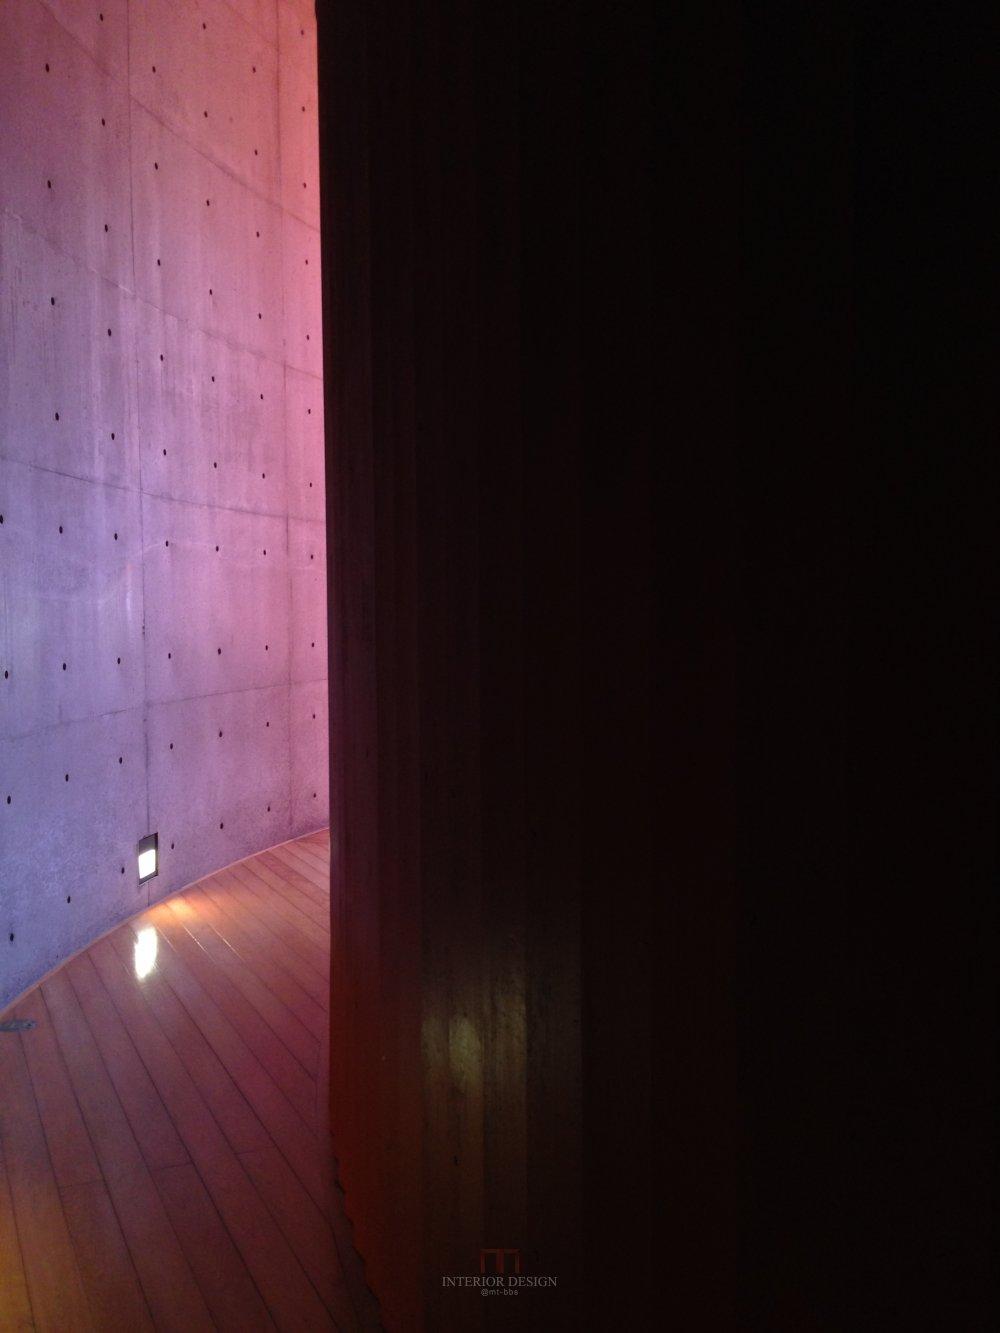 #伙伴一起看日本#  日本设计考察分享(更新美秀美术馆)_IMG_5182.JPG